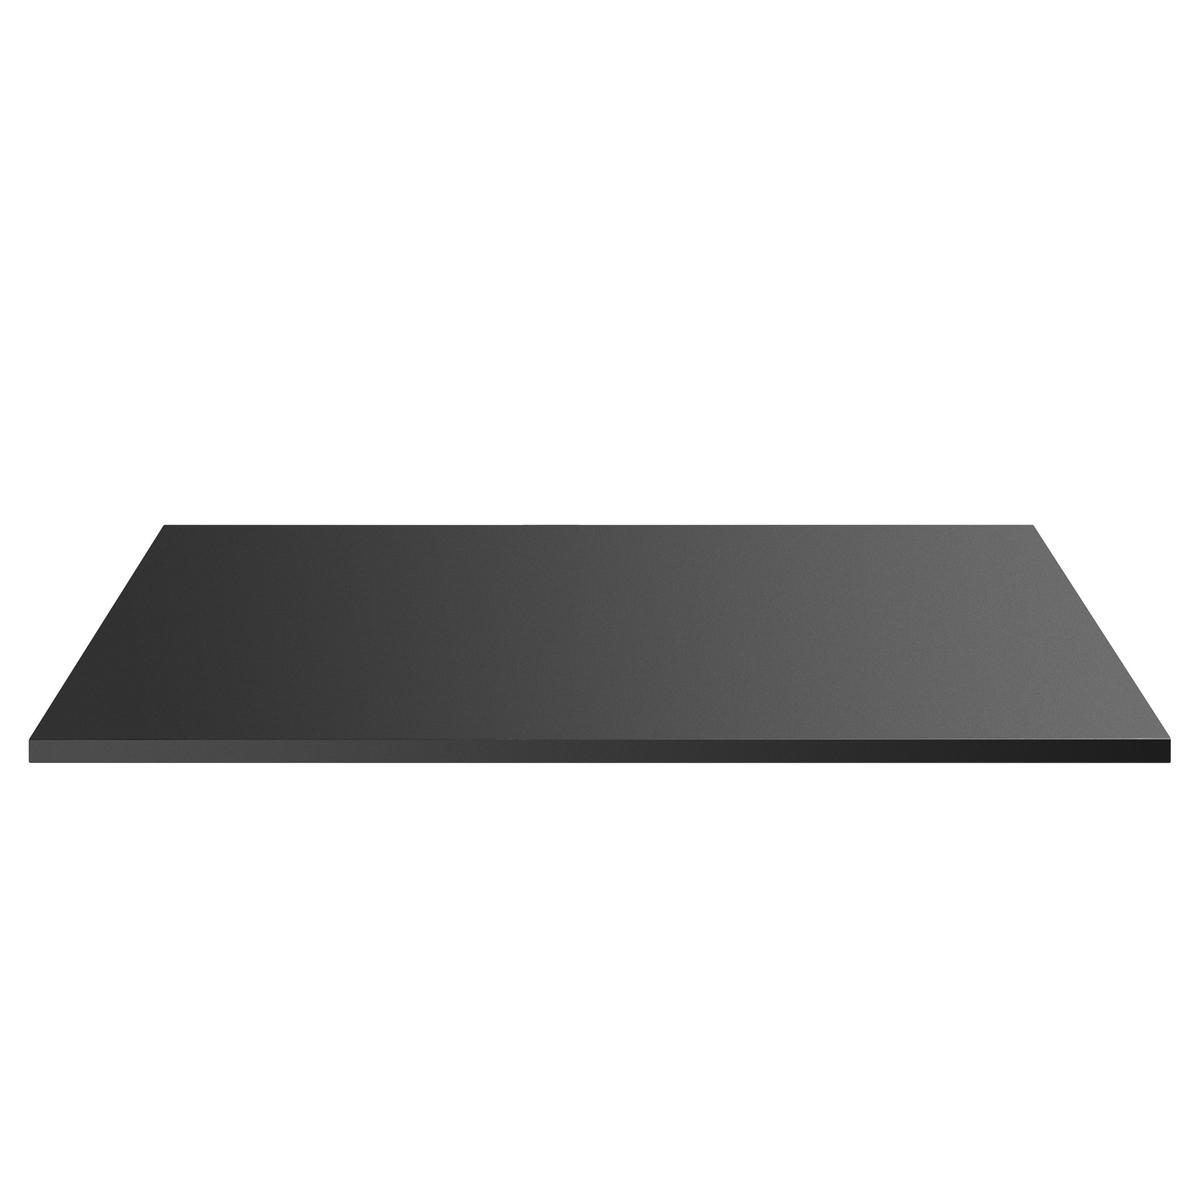 Столешница для письменного стола из металла Angus, размер 1Характеристики:- Из металла с матовым эпоксидным покрытием.Размеры:- Д123 x В3 x Ш65 см.Размеры и вес упаковки:- Д135 x В8 x Ш71 см, 20,5 кг.<br><br>Цвет: сероватый<br>Размер: единый размер